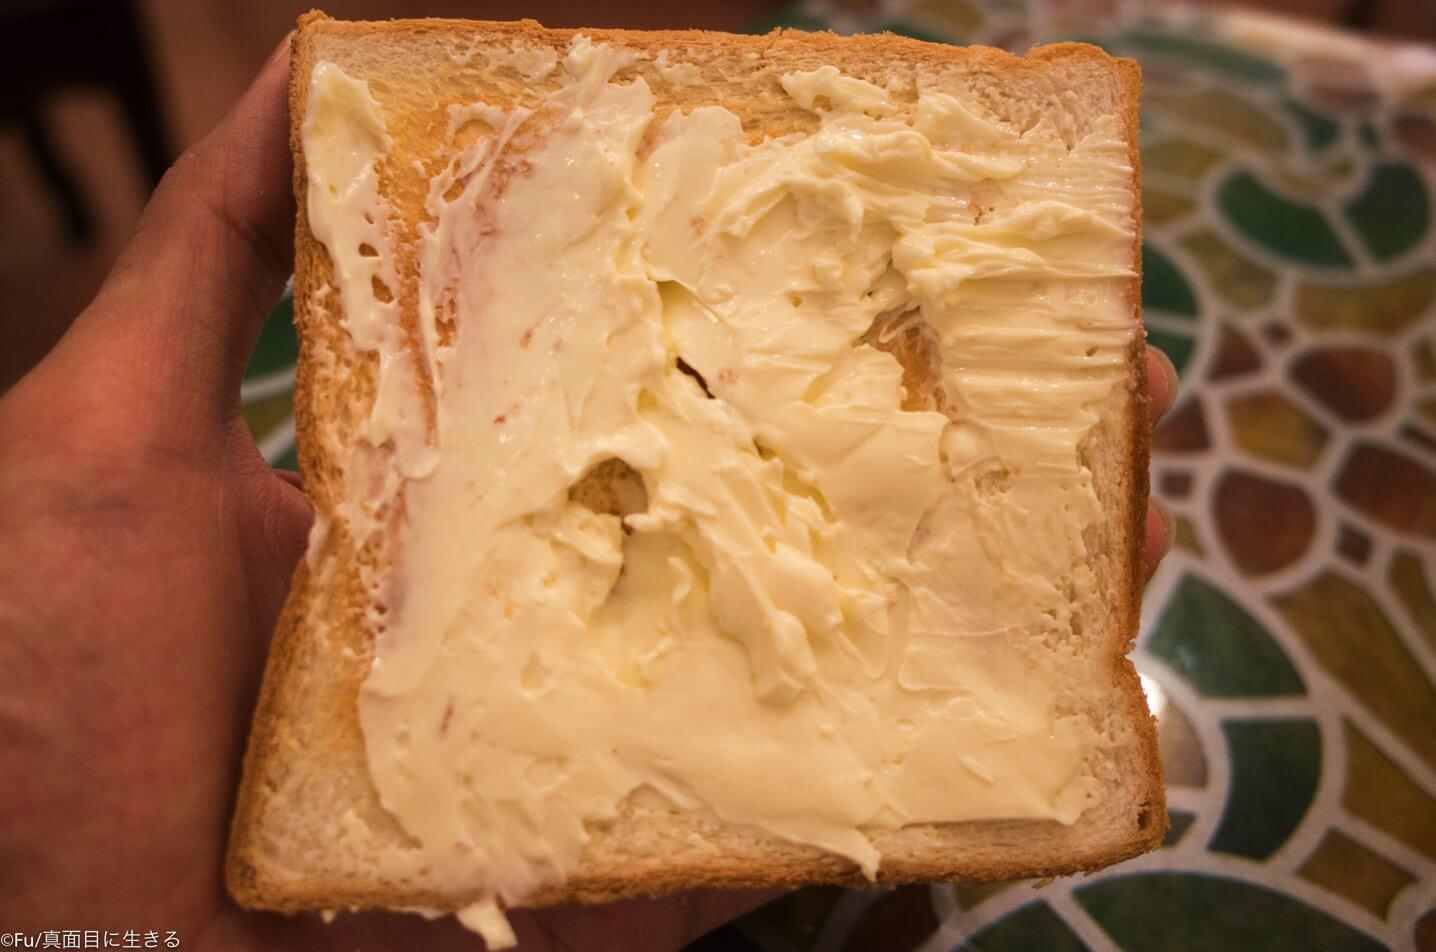 パンにクリームチーズを塗る